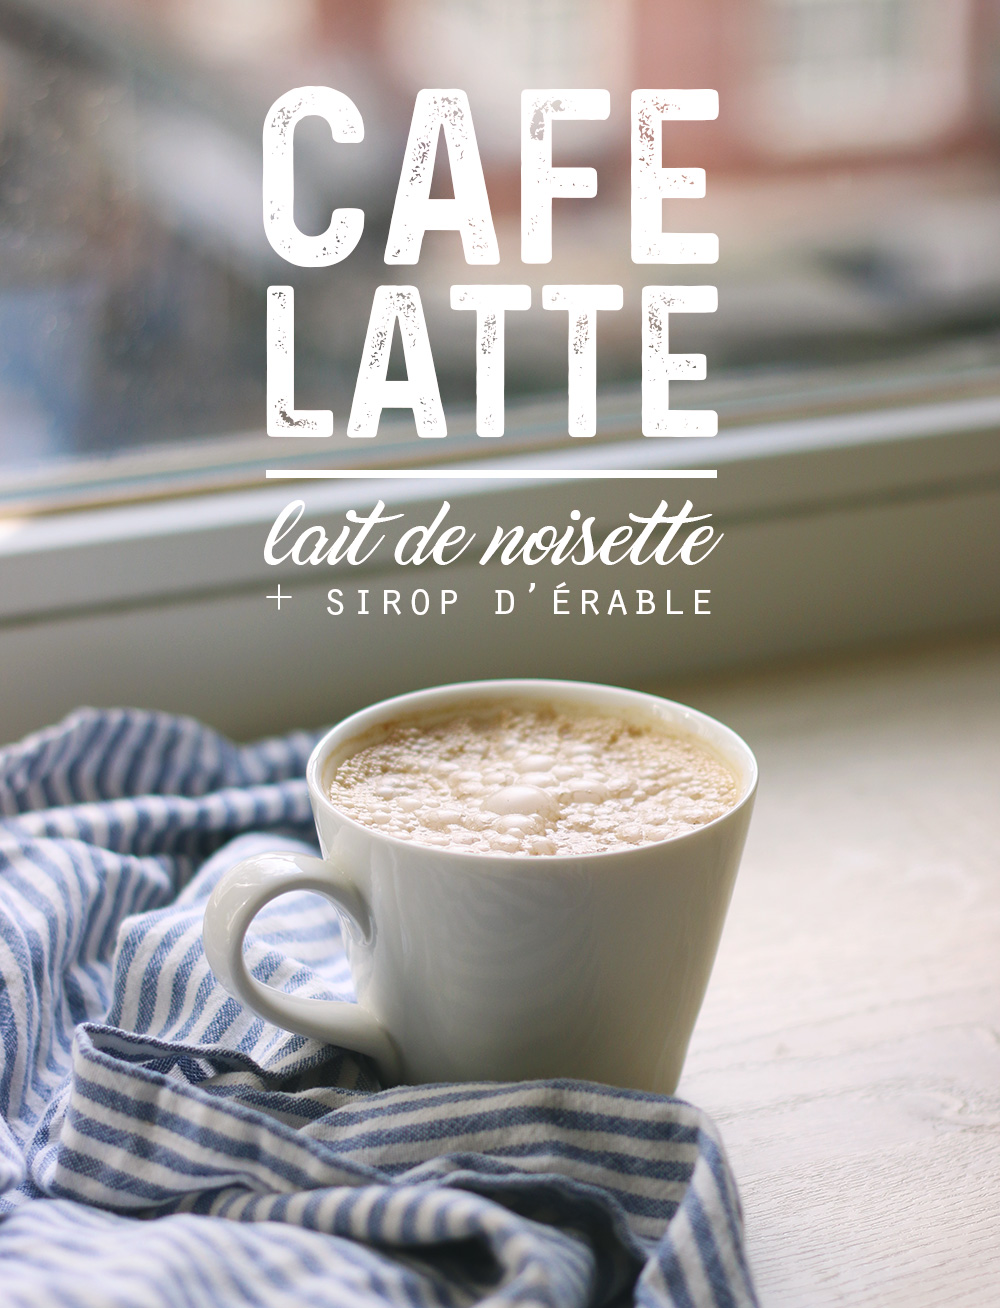 Café Noisette C Est Quoi latte gourmand noisette & sirop d'érable - mango and salt